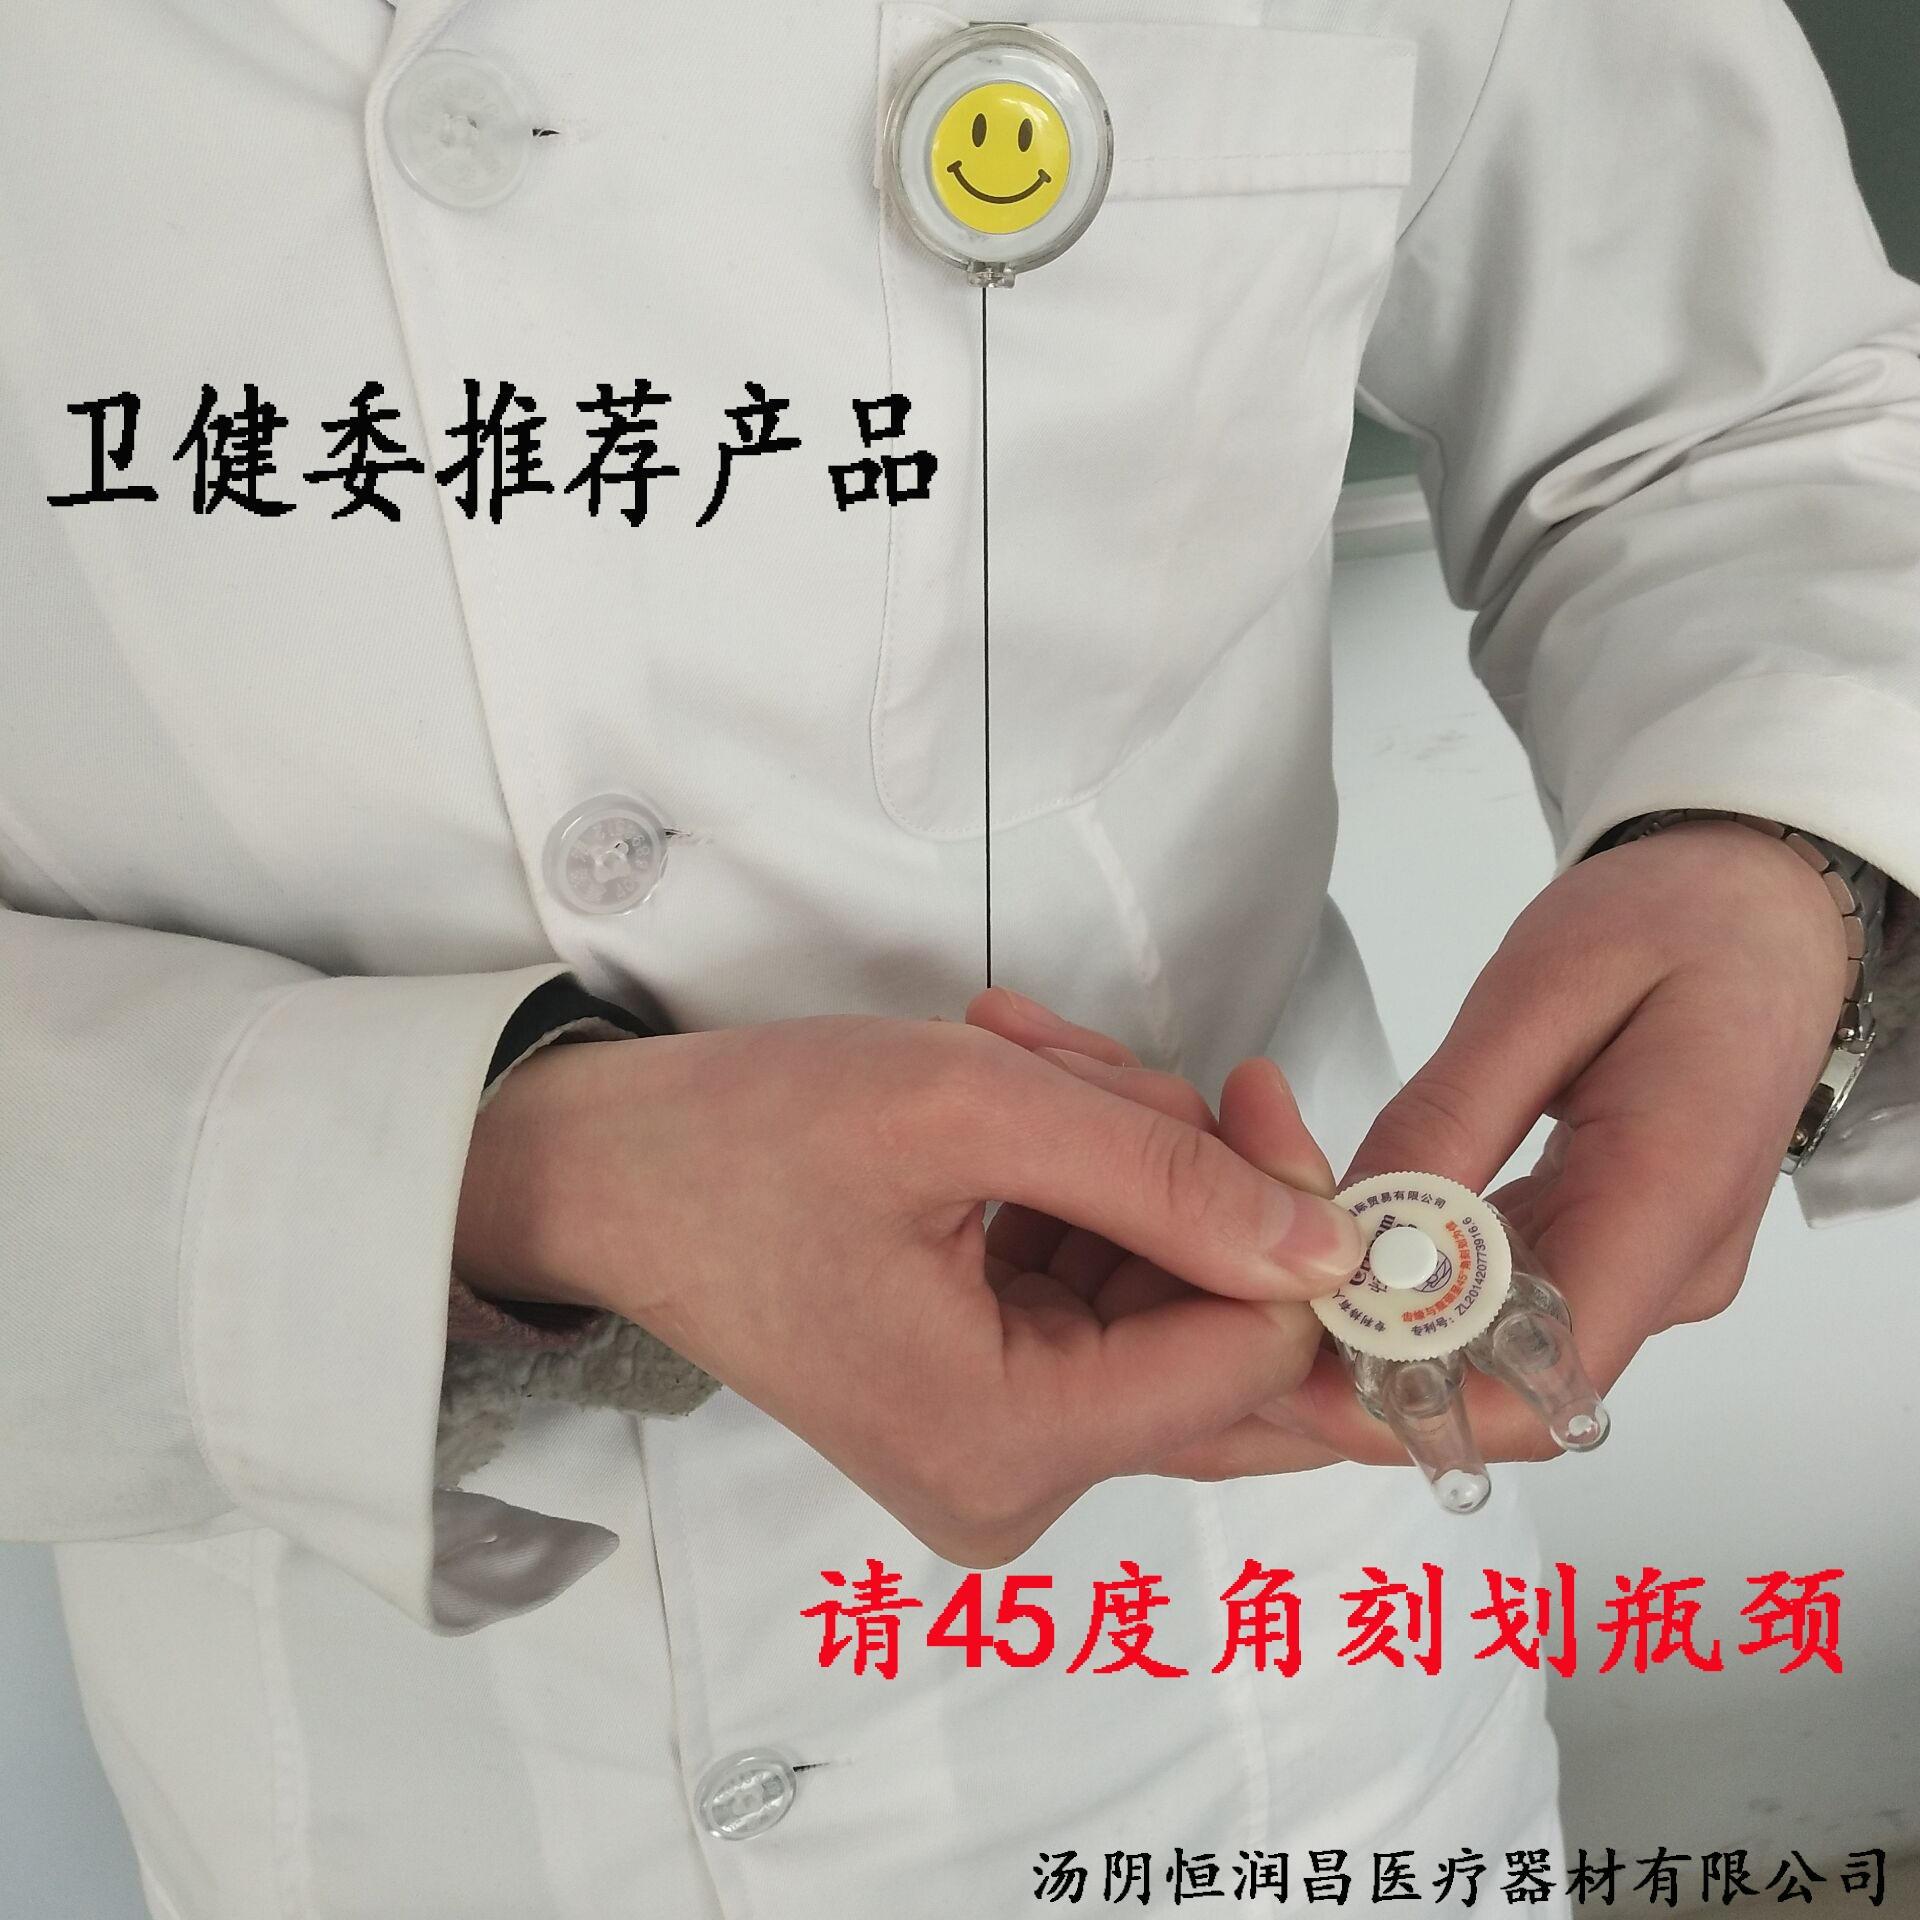 鋸齒形安瓿瓶開瓶器 護士醫用開瓶器 專利產品 杜絕醫用砂輪污染